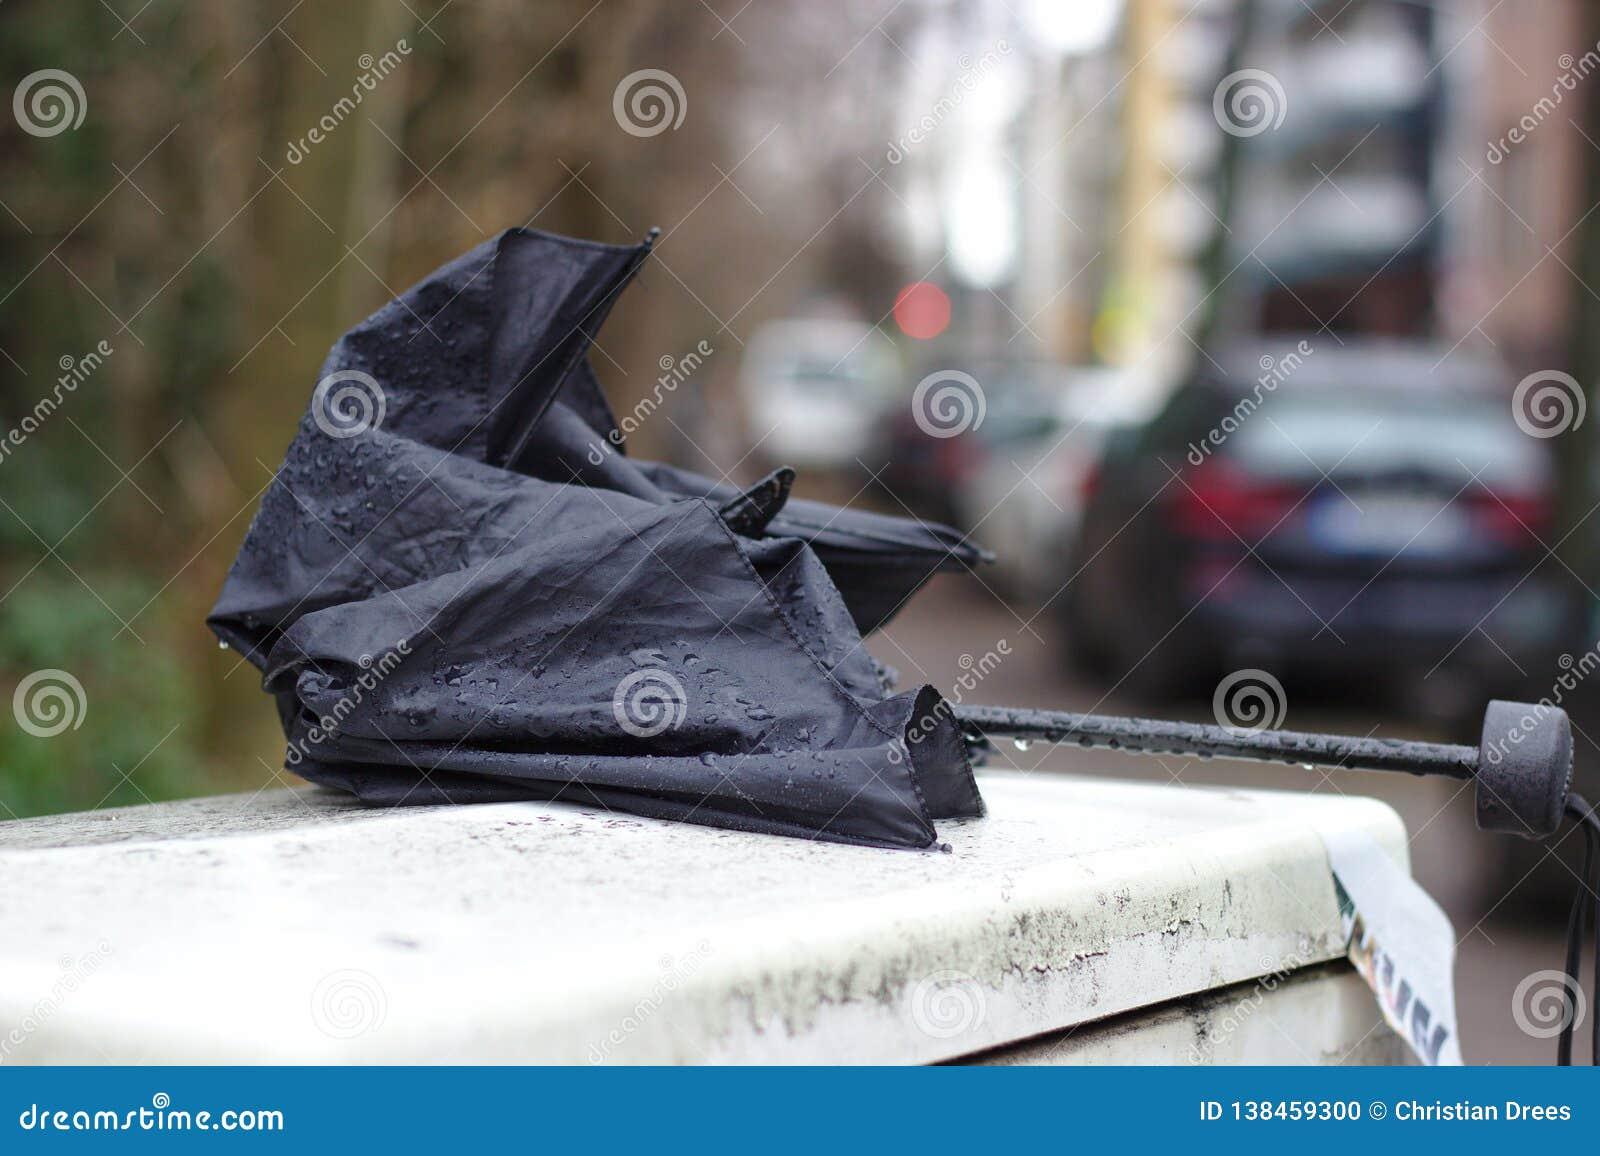 Я потерял мой зонтик